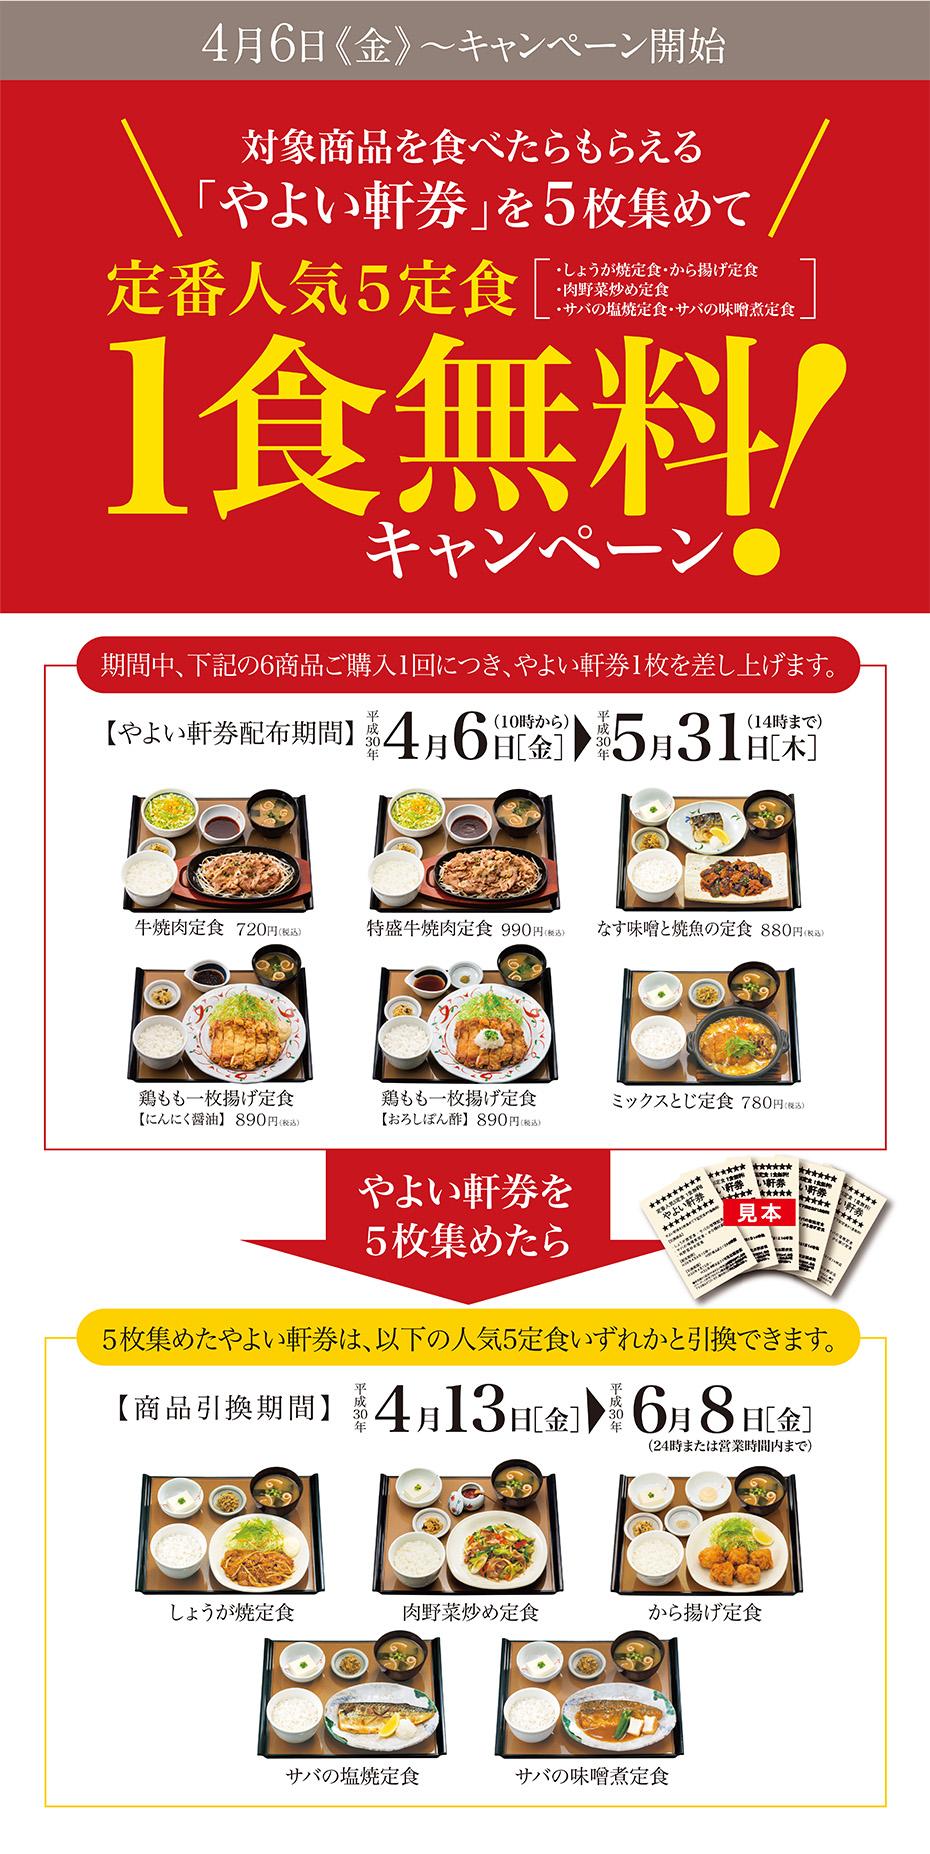 やよい軒で定食5食食べるともう一食無料キャンペーンを開催中。4/6~5/31。